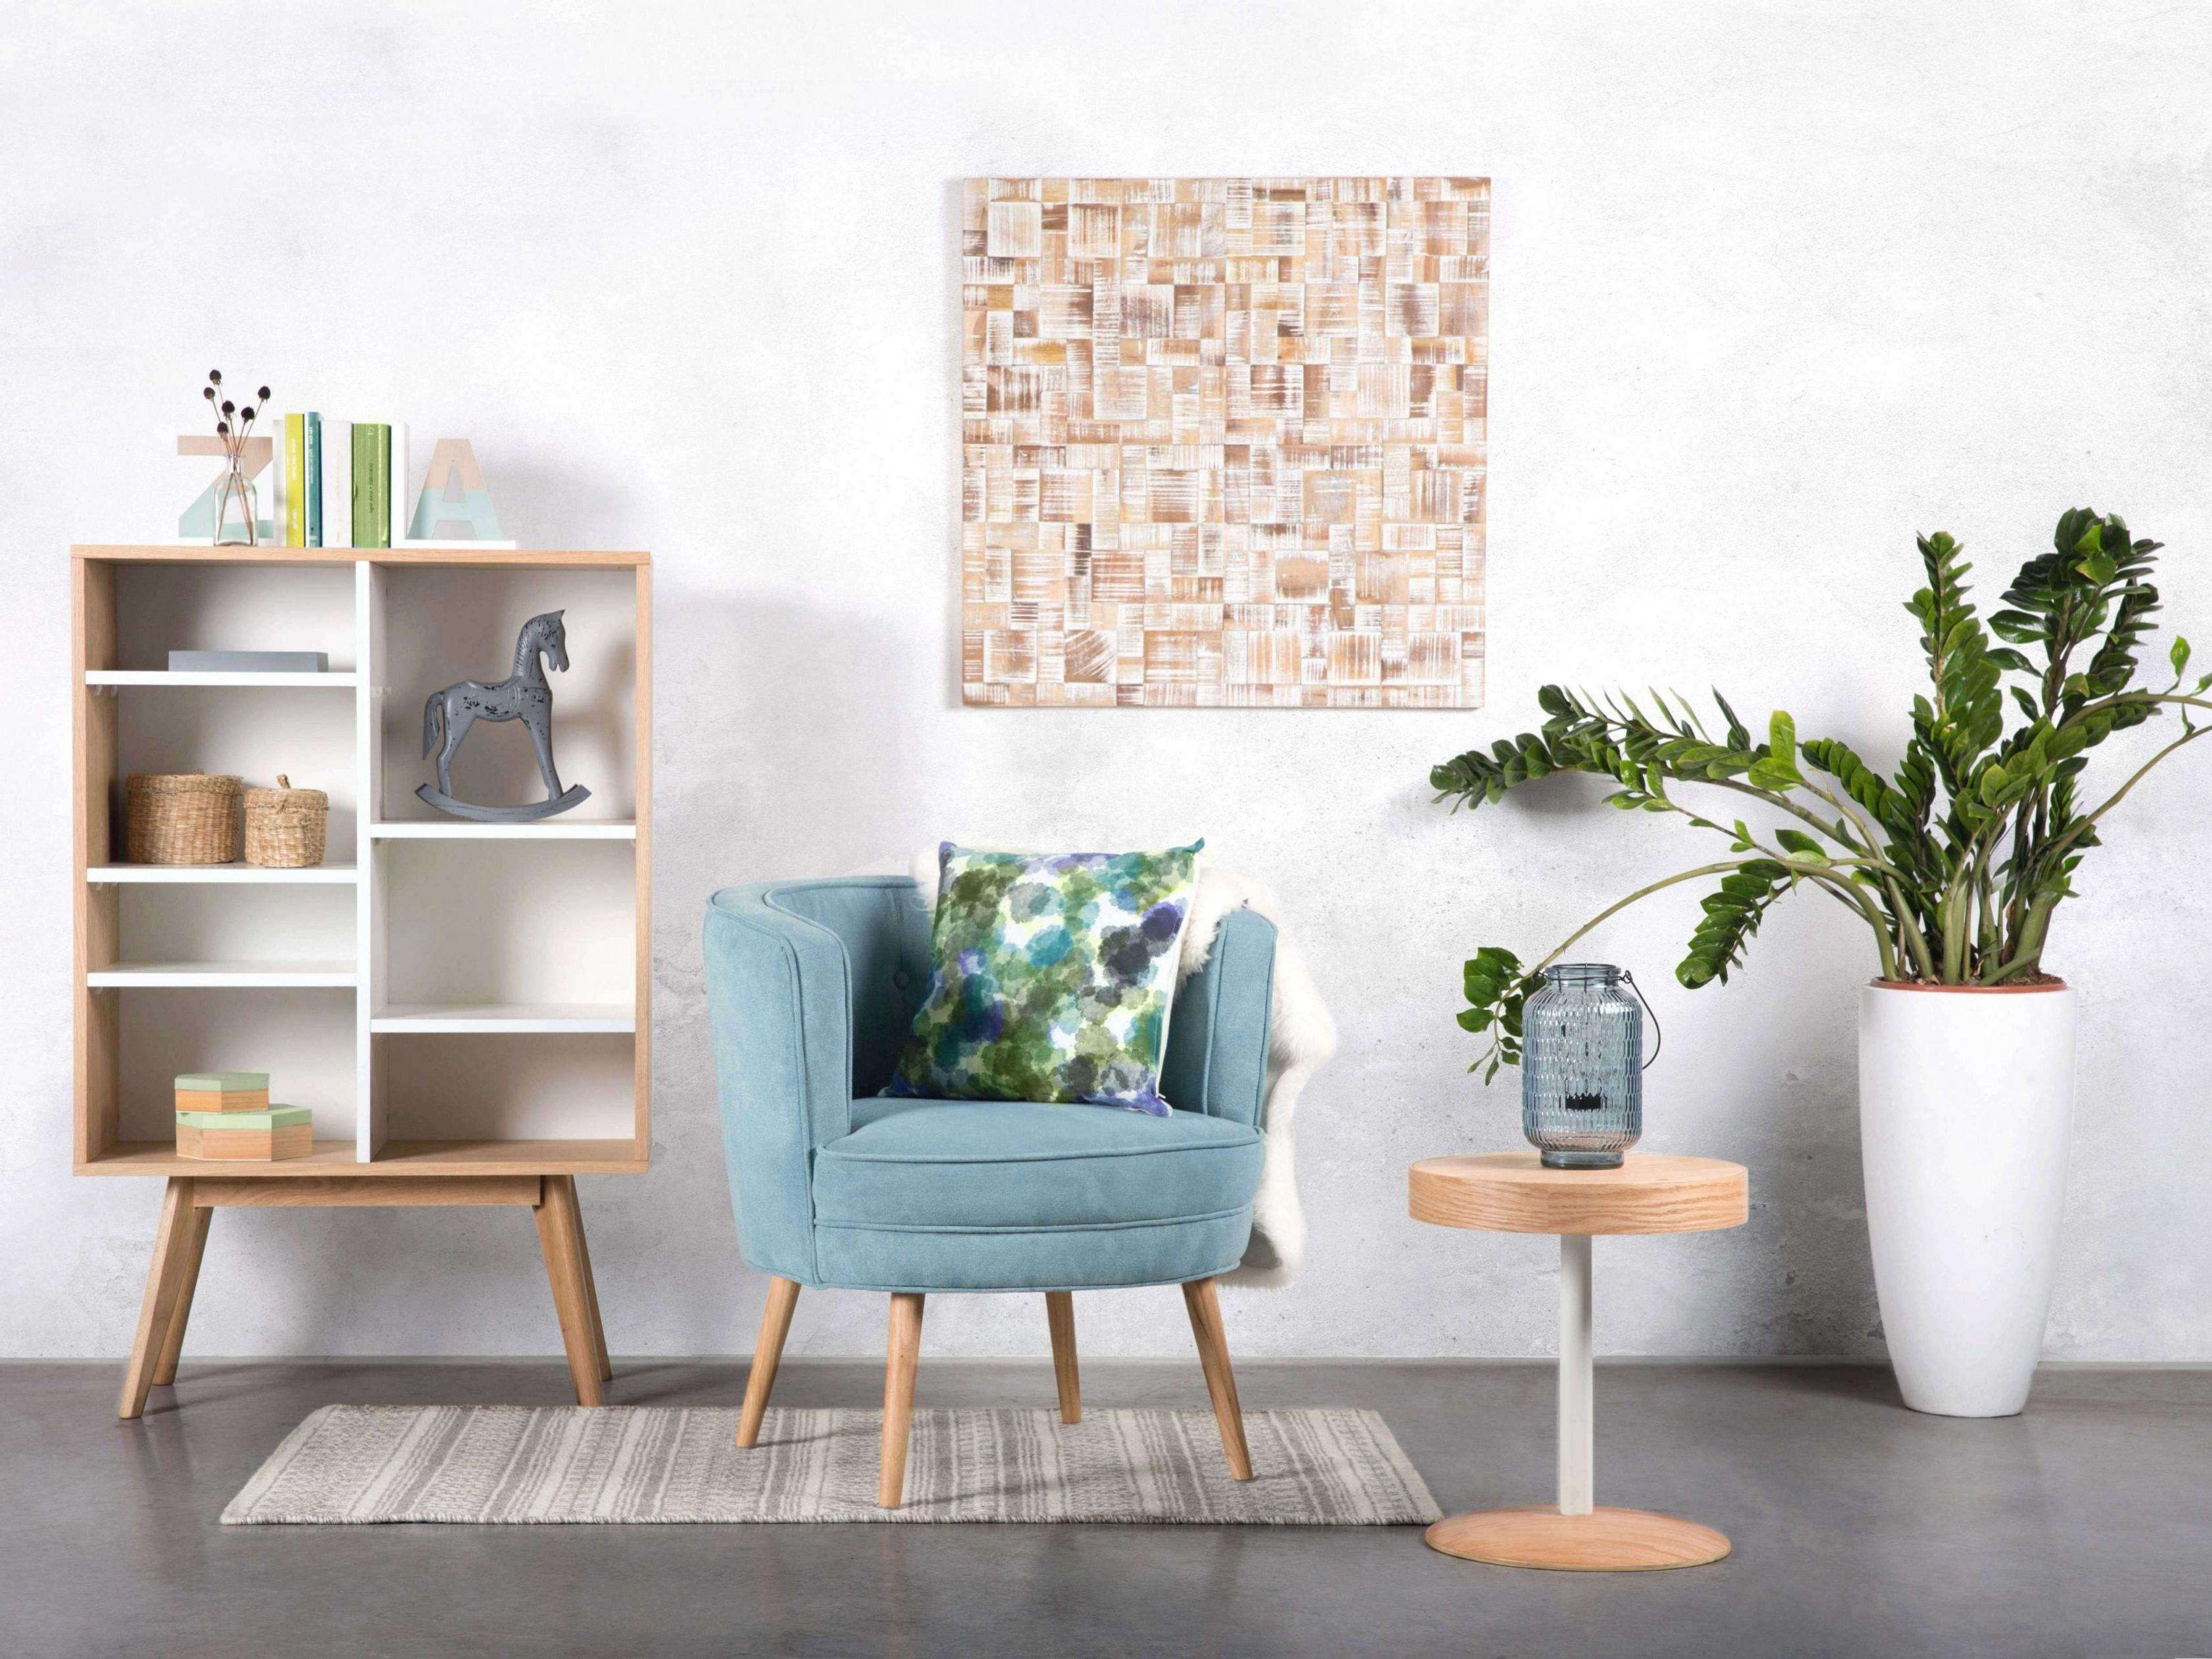 Pflanzen Dekoration Wohnzimmer  Dekoration Wohnzimmer Deko von Pflanzen Im Wohnzimmer Ideen Photo